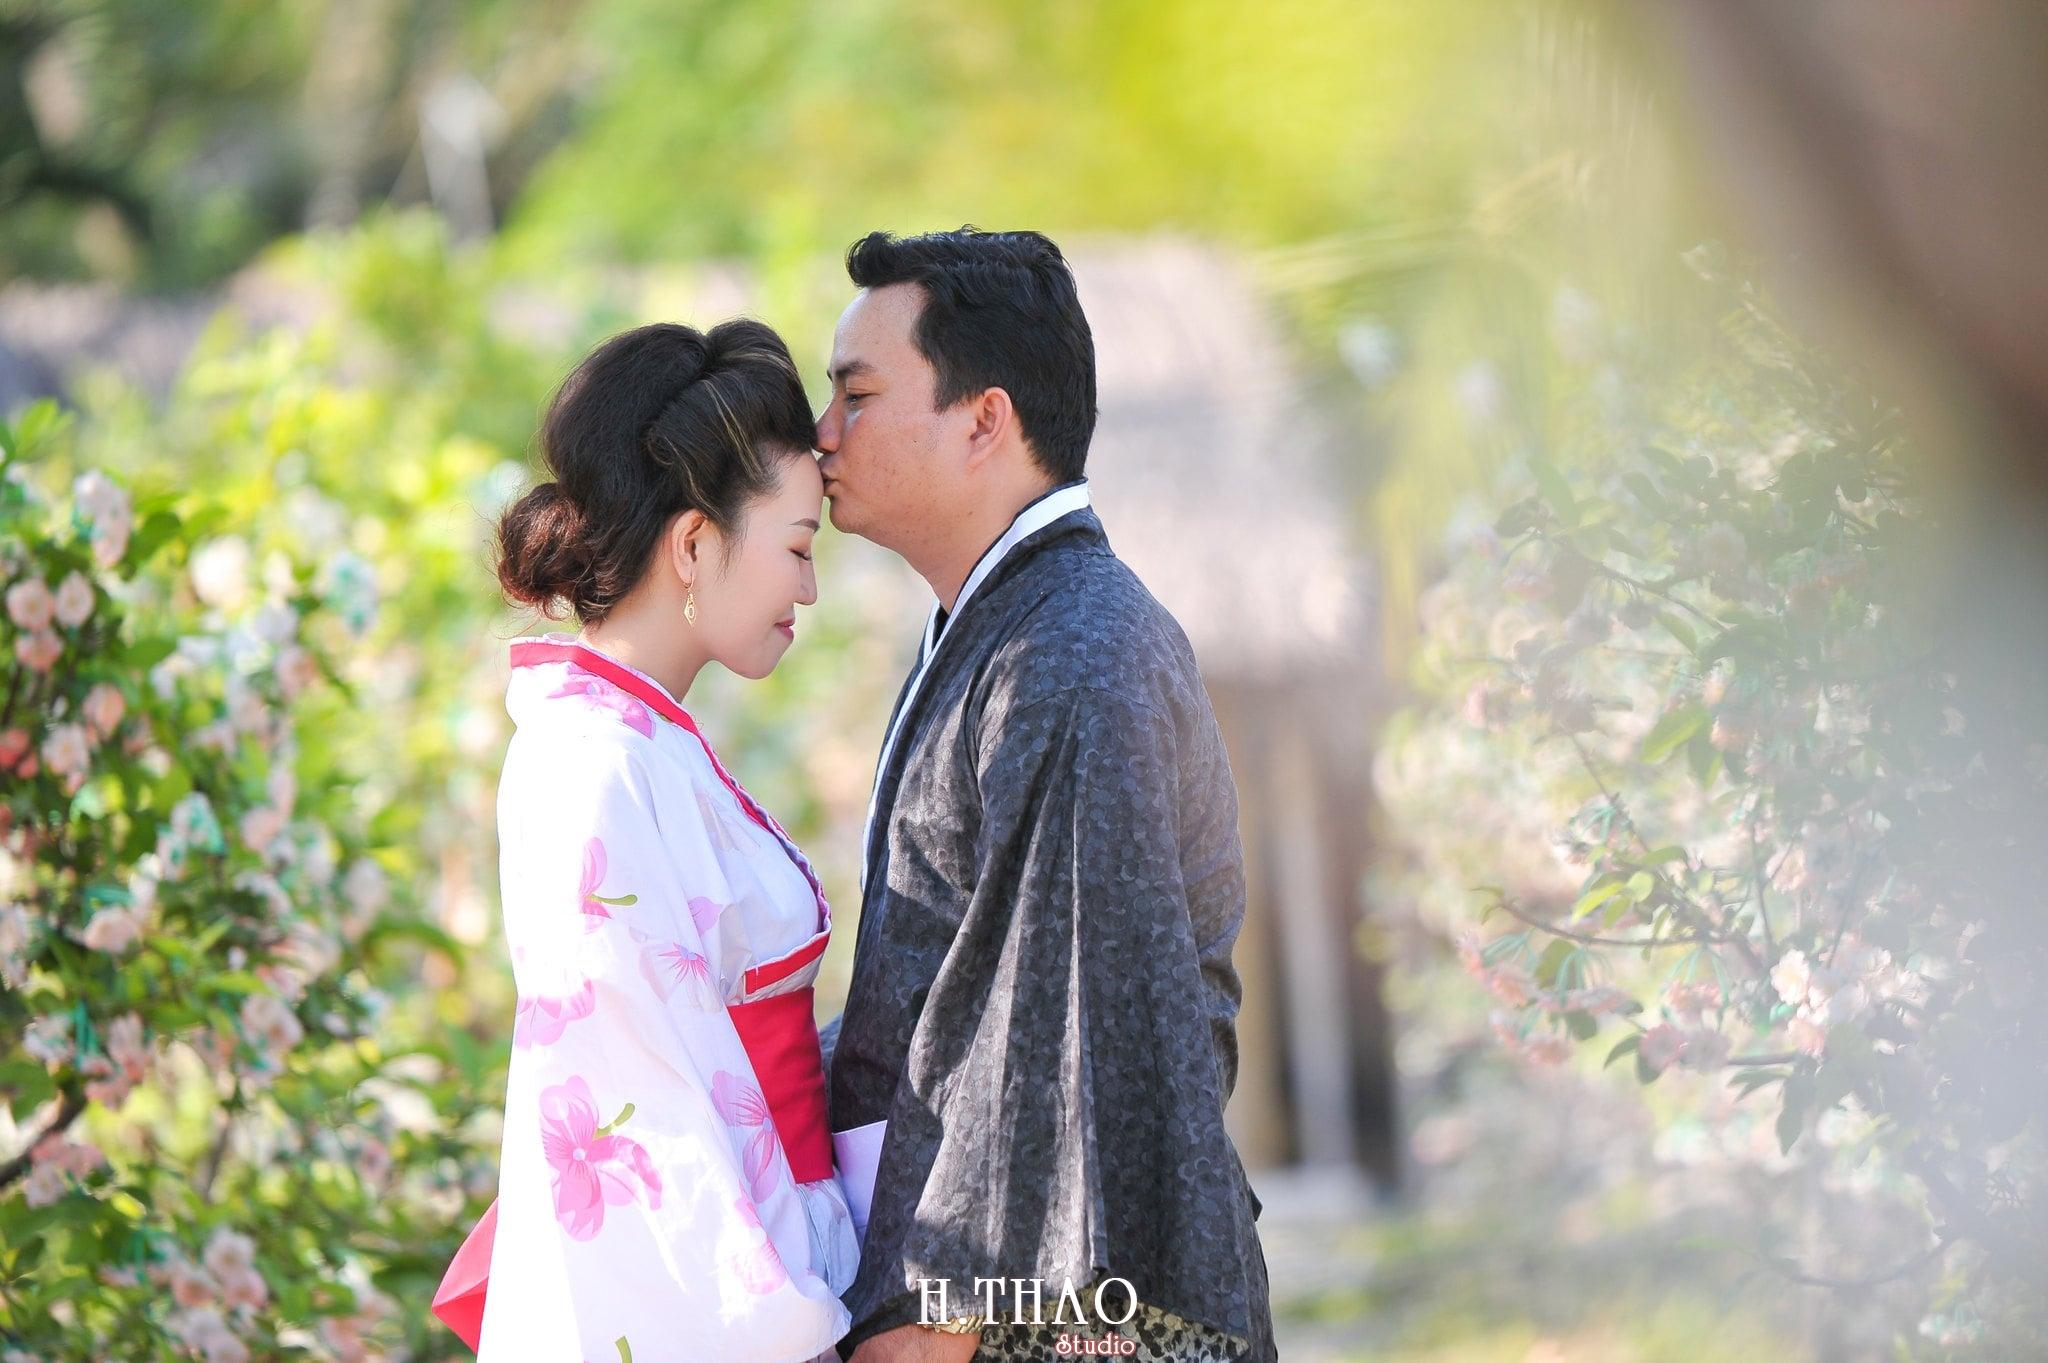 Anh chup voi Kimono 16 - Bộ ảnh couple chụp với Kimono theo phong cách Nhật Bản